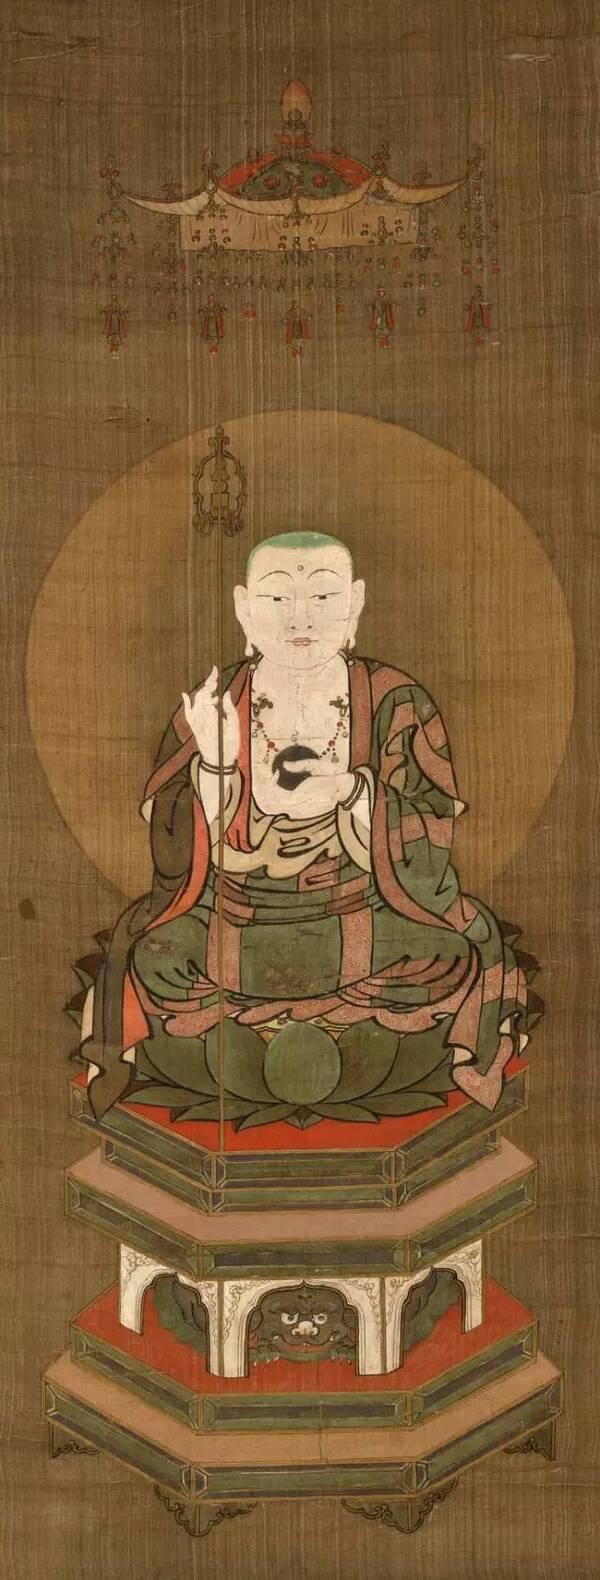 收藏| 十幅历代地藏王菩萨画像精选